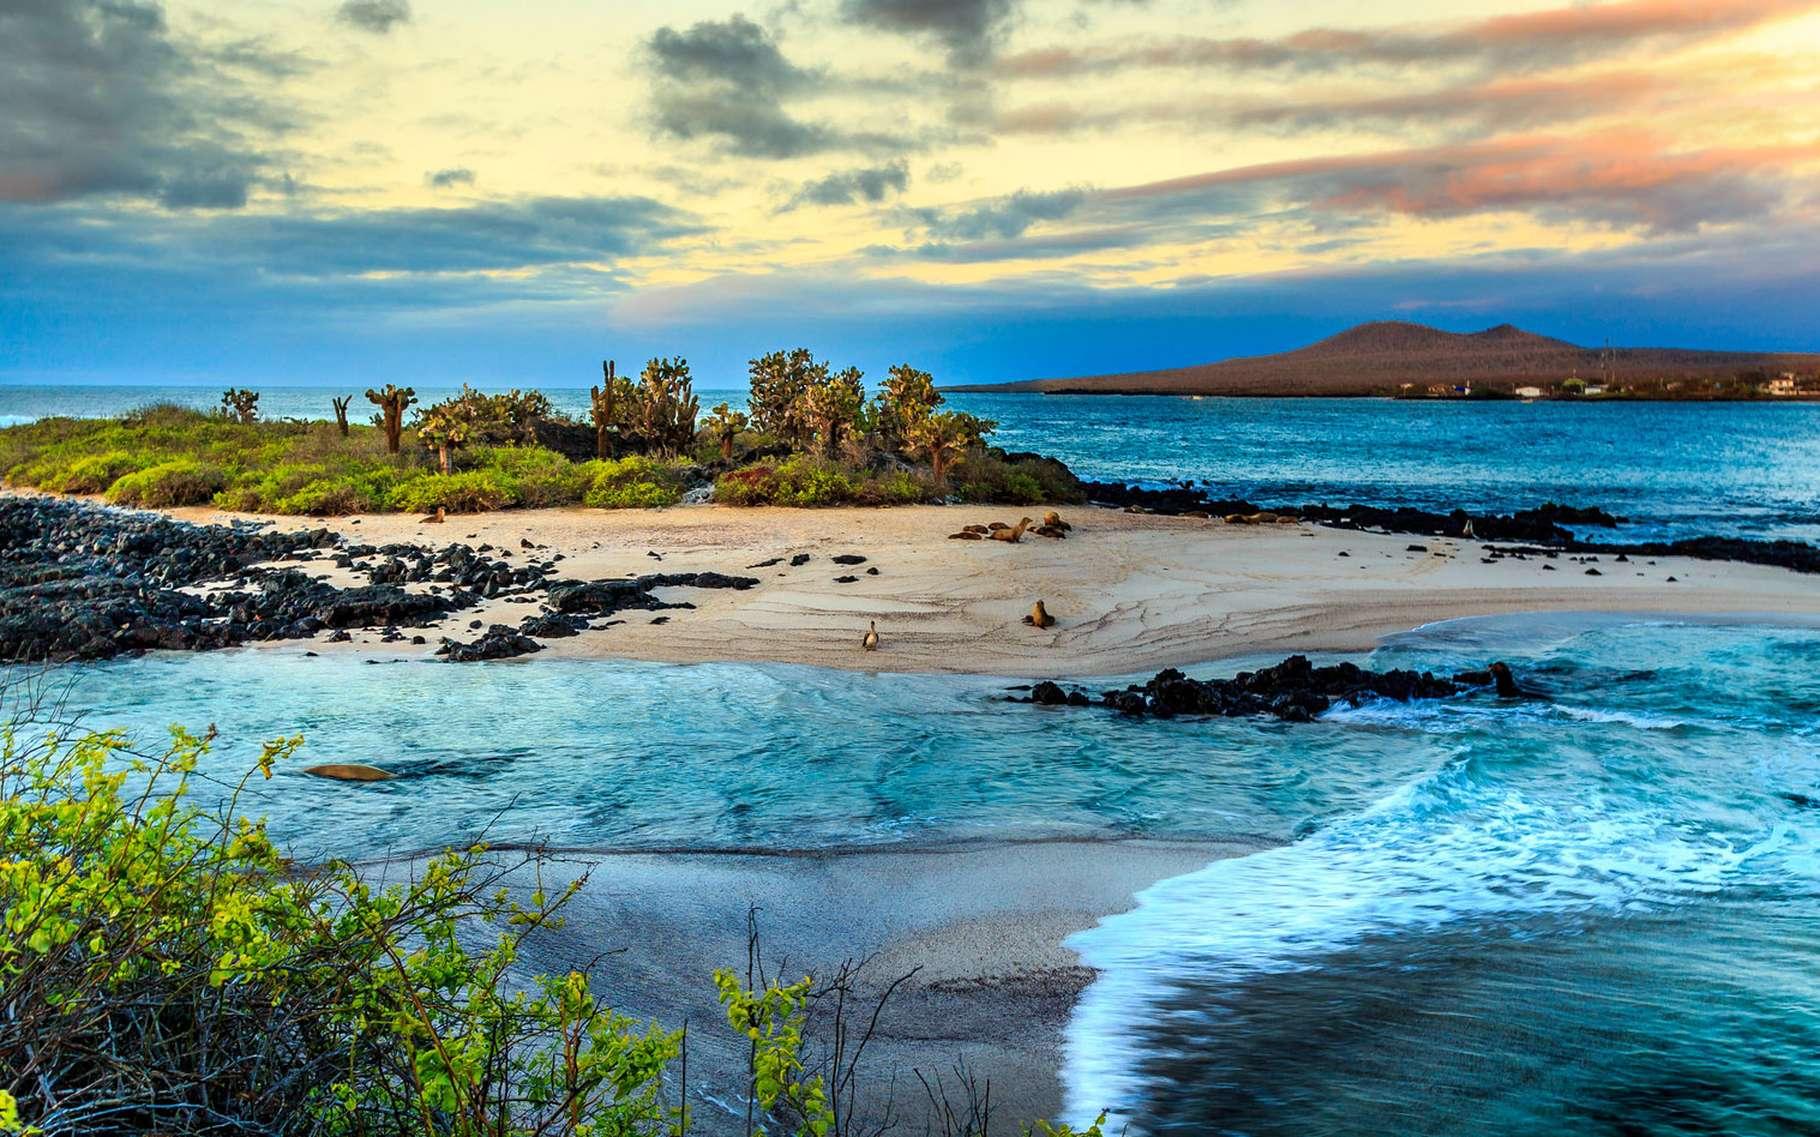 L'Équateur est un pays d'Amérique du Sud, blotti entre le Pérou et la Colombie. Il compte dans son territoire les Îles Galapagos, situées dans l'océan Pacifique. Cet archipel d'îles volcaniques et d'îlots est un joyau inscrit au patrimoine de l'Unesco dès 1978. Son isolation à plus de 1.000 km du continent sud-américain a, entre autres, permis le développement d'une faune et d'une flore endémiques, des espèces qui sont notamment protégées au sein de la réserve marine des Galapagos et du parc national des Galapagos. L'Unesco parle d'un « musée vivant et une vitrine de l'évolution » qui aurait inspiré à Charles Darwin sa théorie de l'évolution.© Rene, Adobe Stock